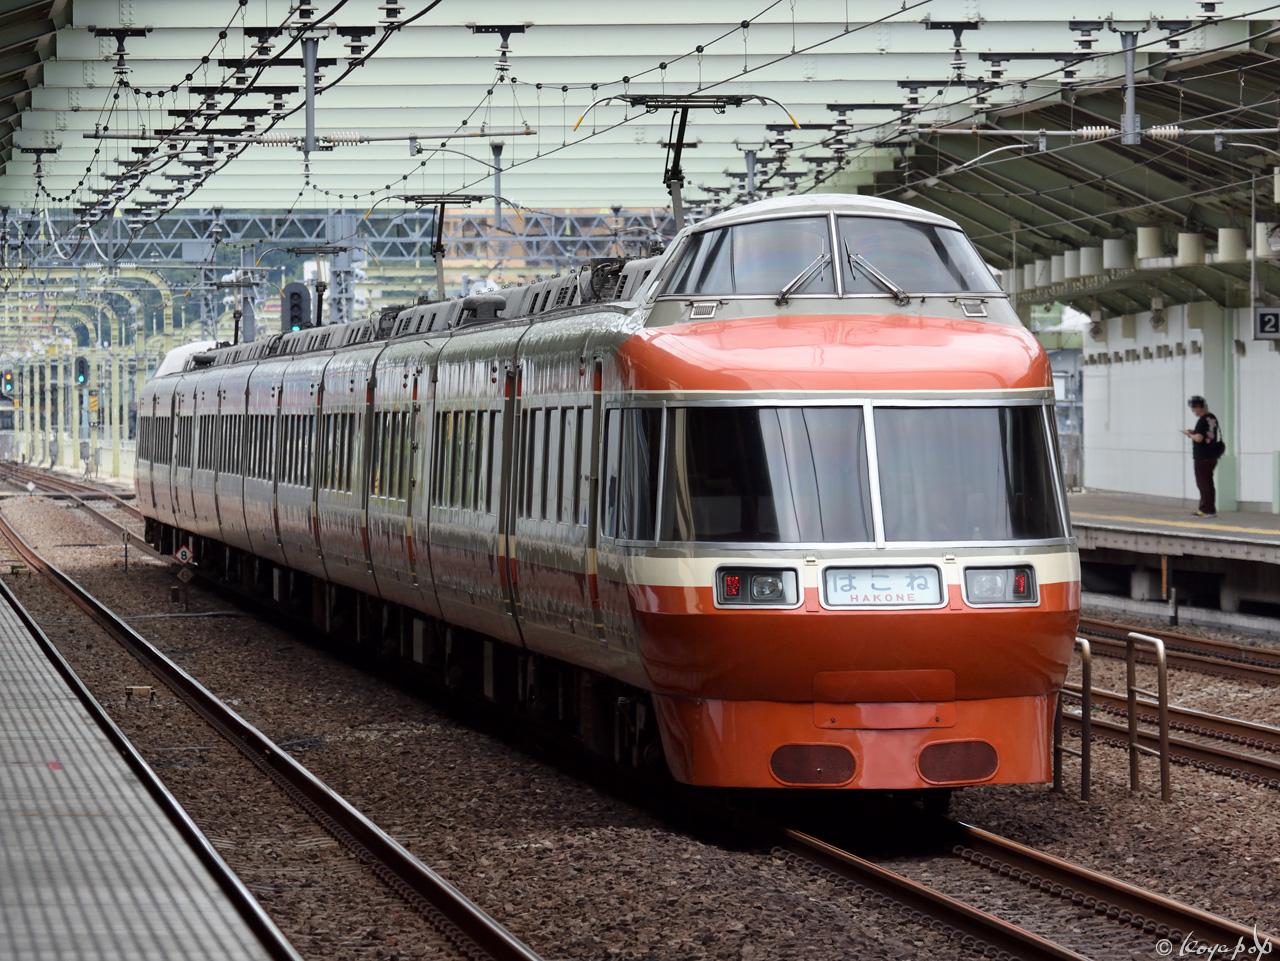 180519R-036x1280-d-2